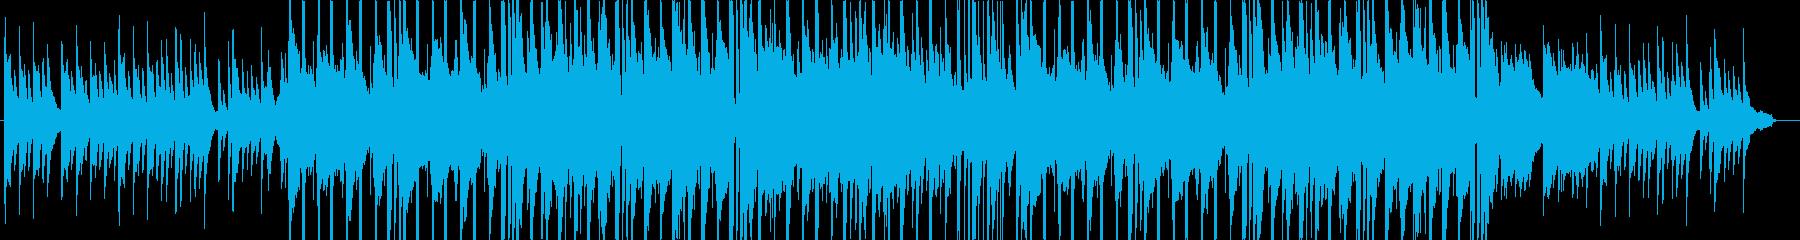 冬によく合うほのぼのしたBGMの再生済みの波形